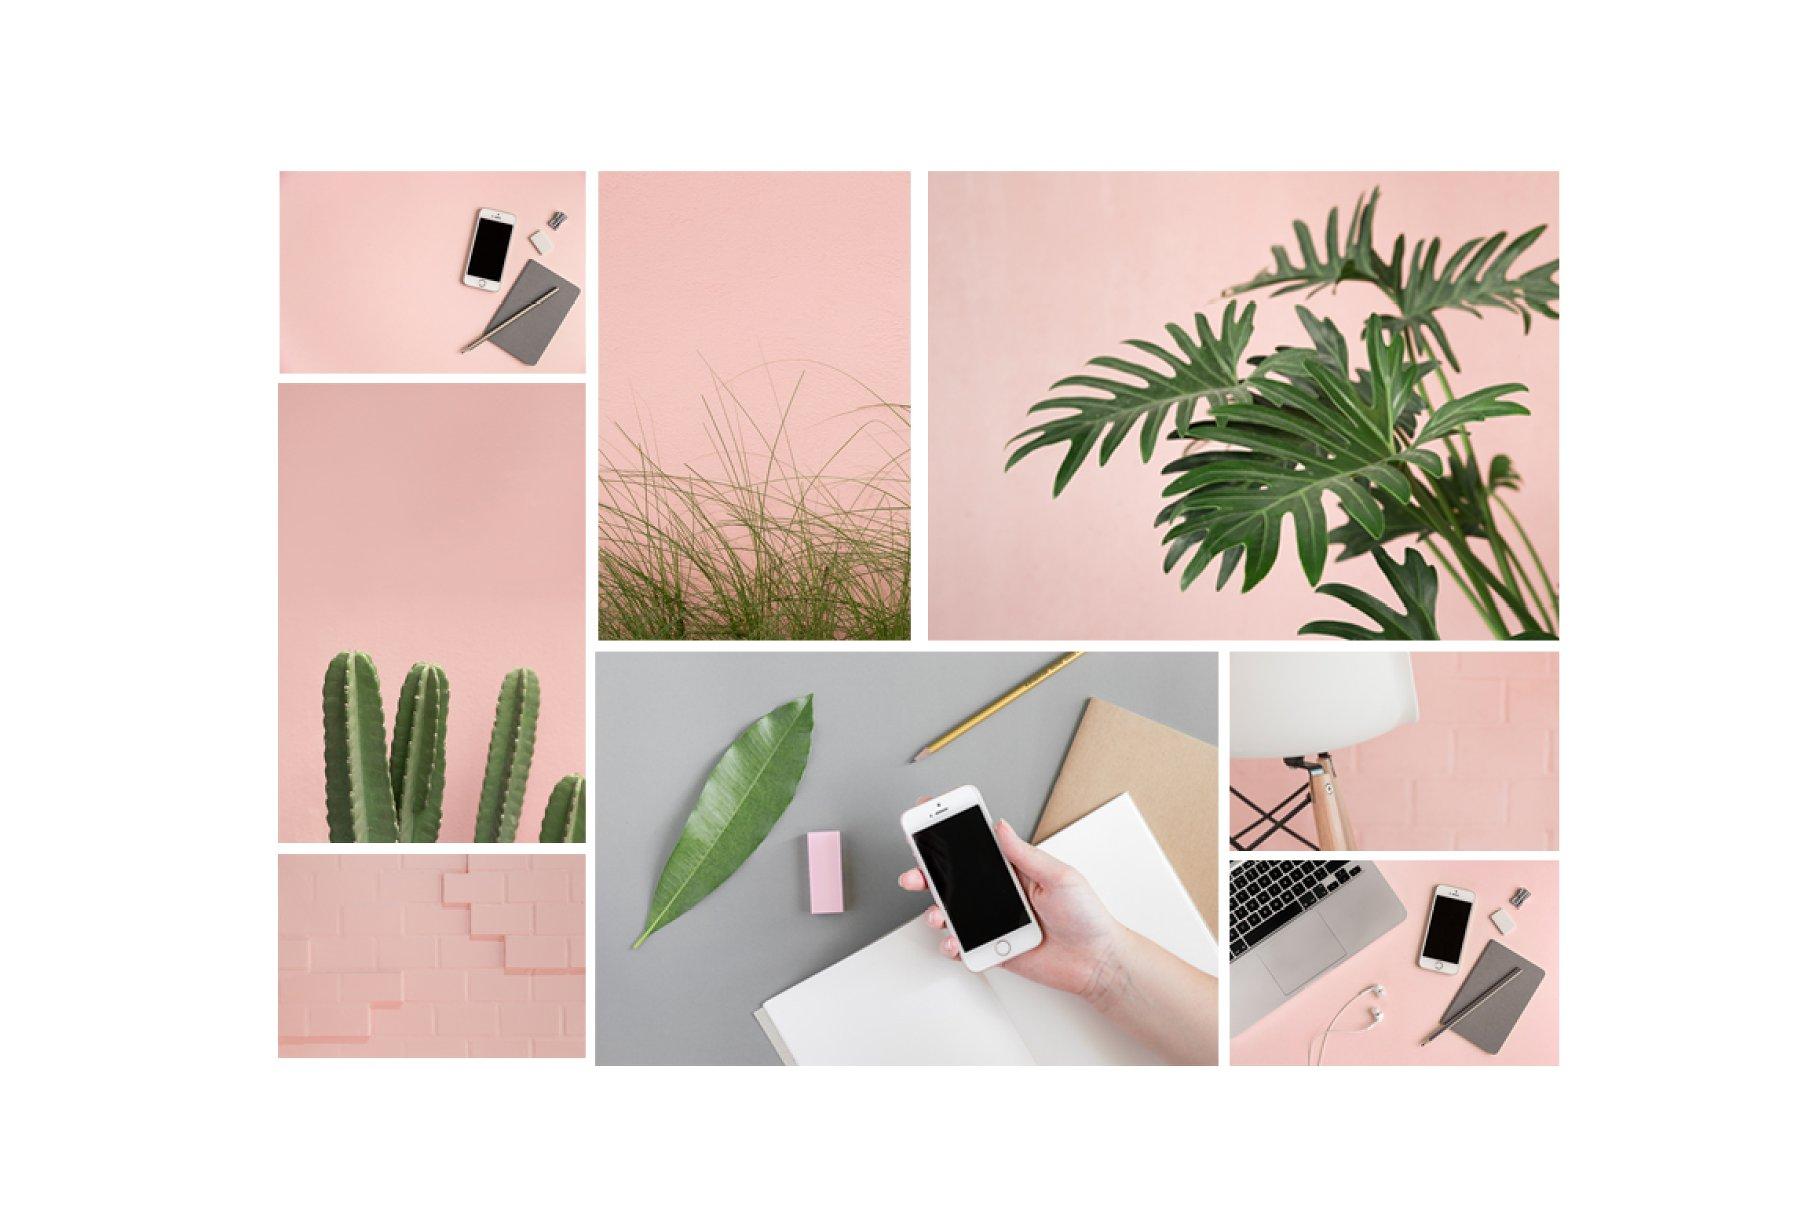 粉色柔和自适应网站界面设计苹果设备屏幕演示样机 Pink & Botanical Stock Photo Bundle插图2